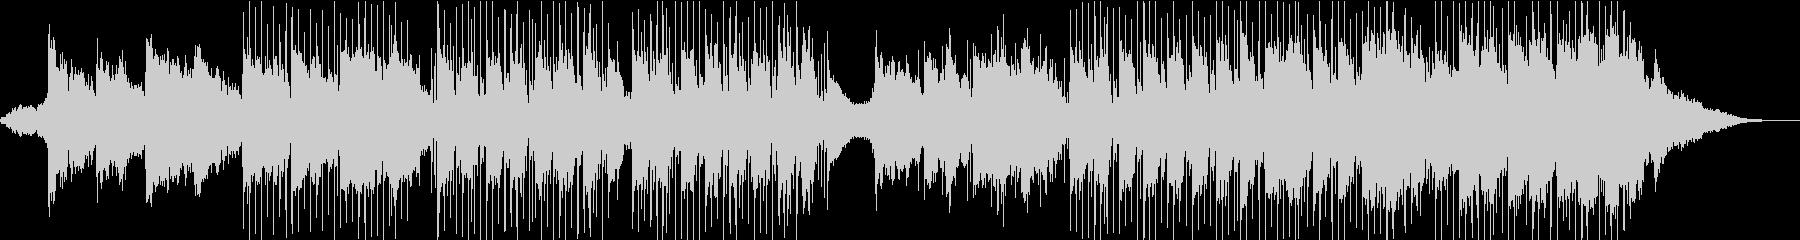 オリエンタルなリラックスBGMの未再生の波形